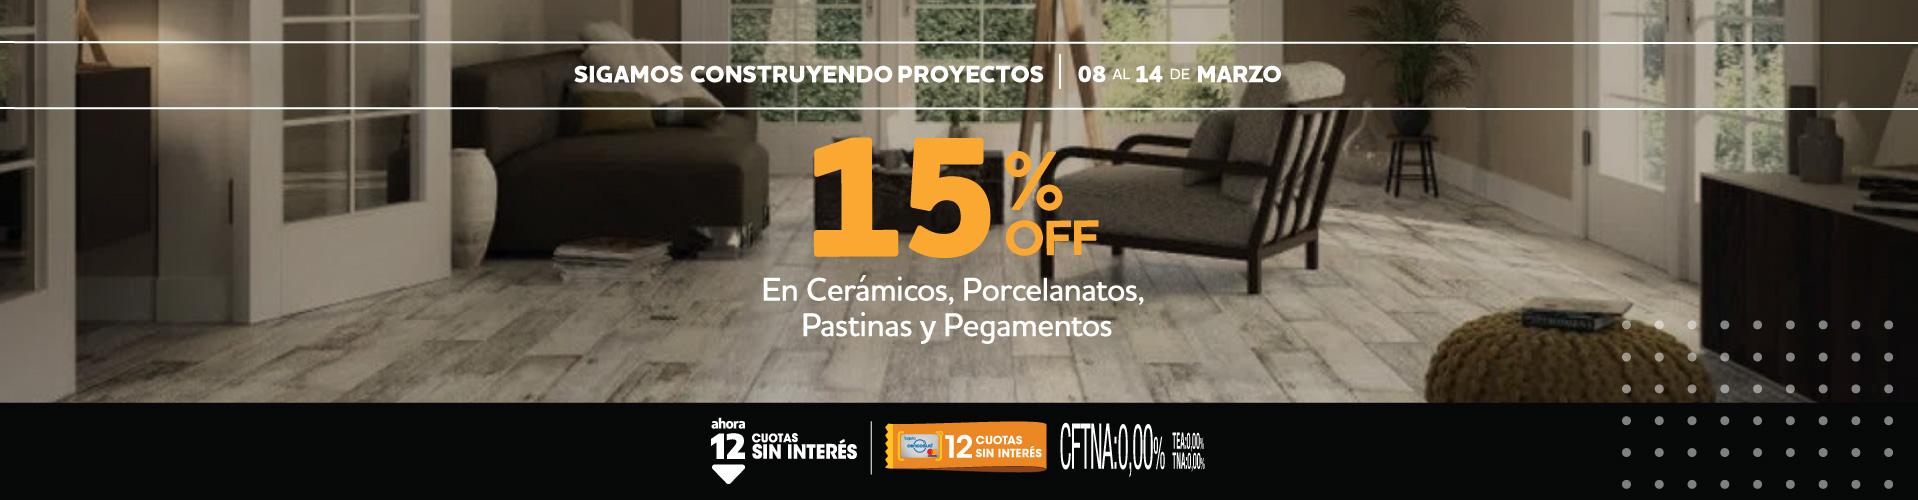 15% rubros pisos 8 al 14 marzo